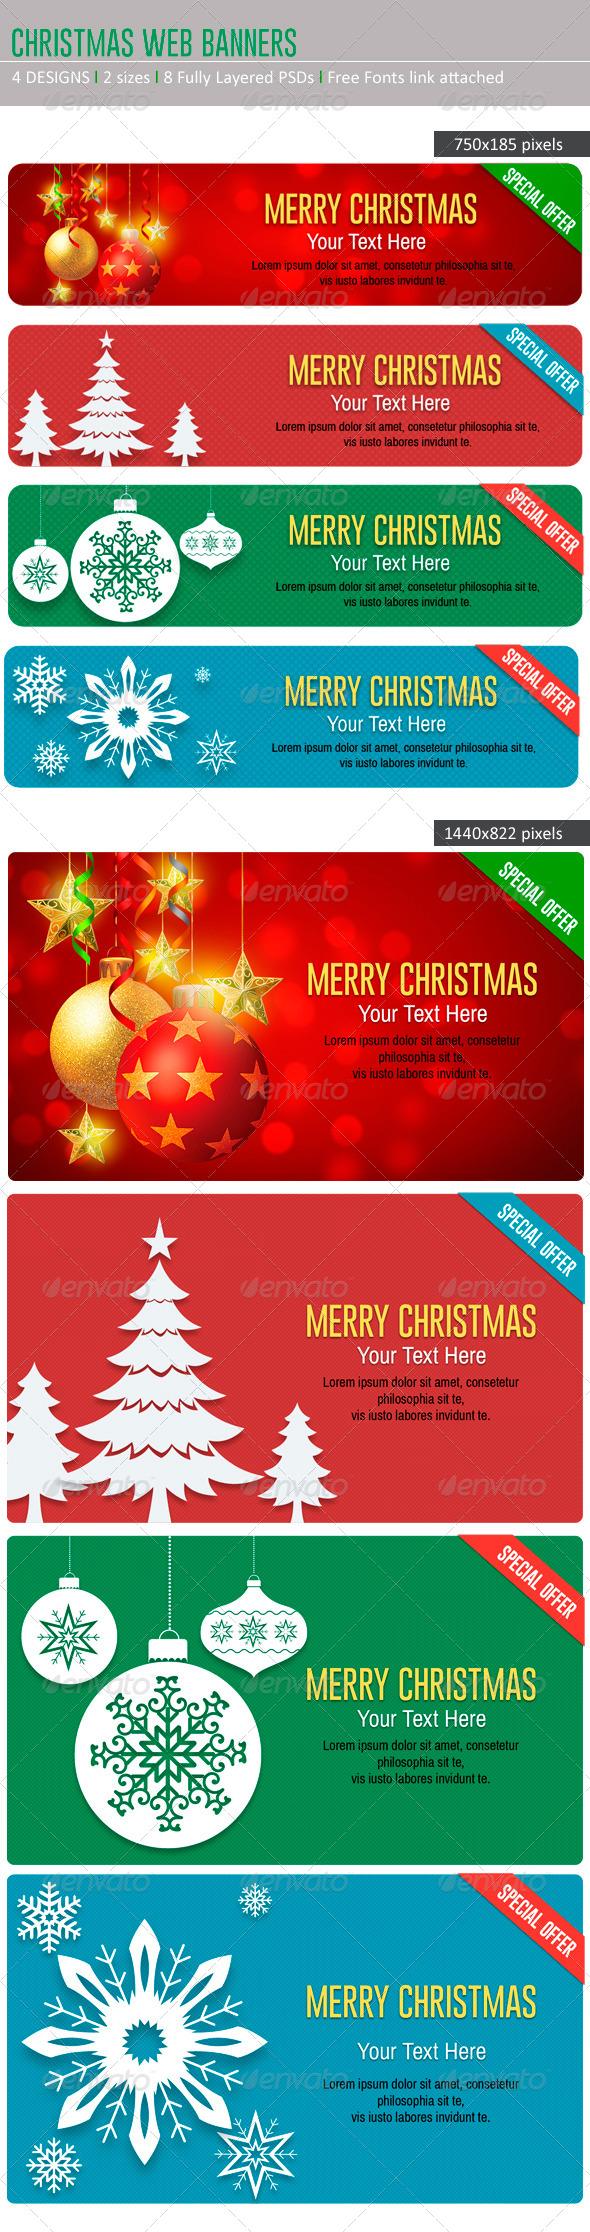 GraphicRiver Christmas Web Banners 6057753